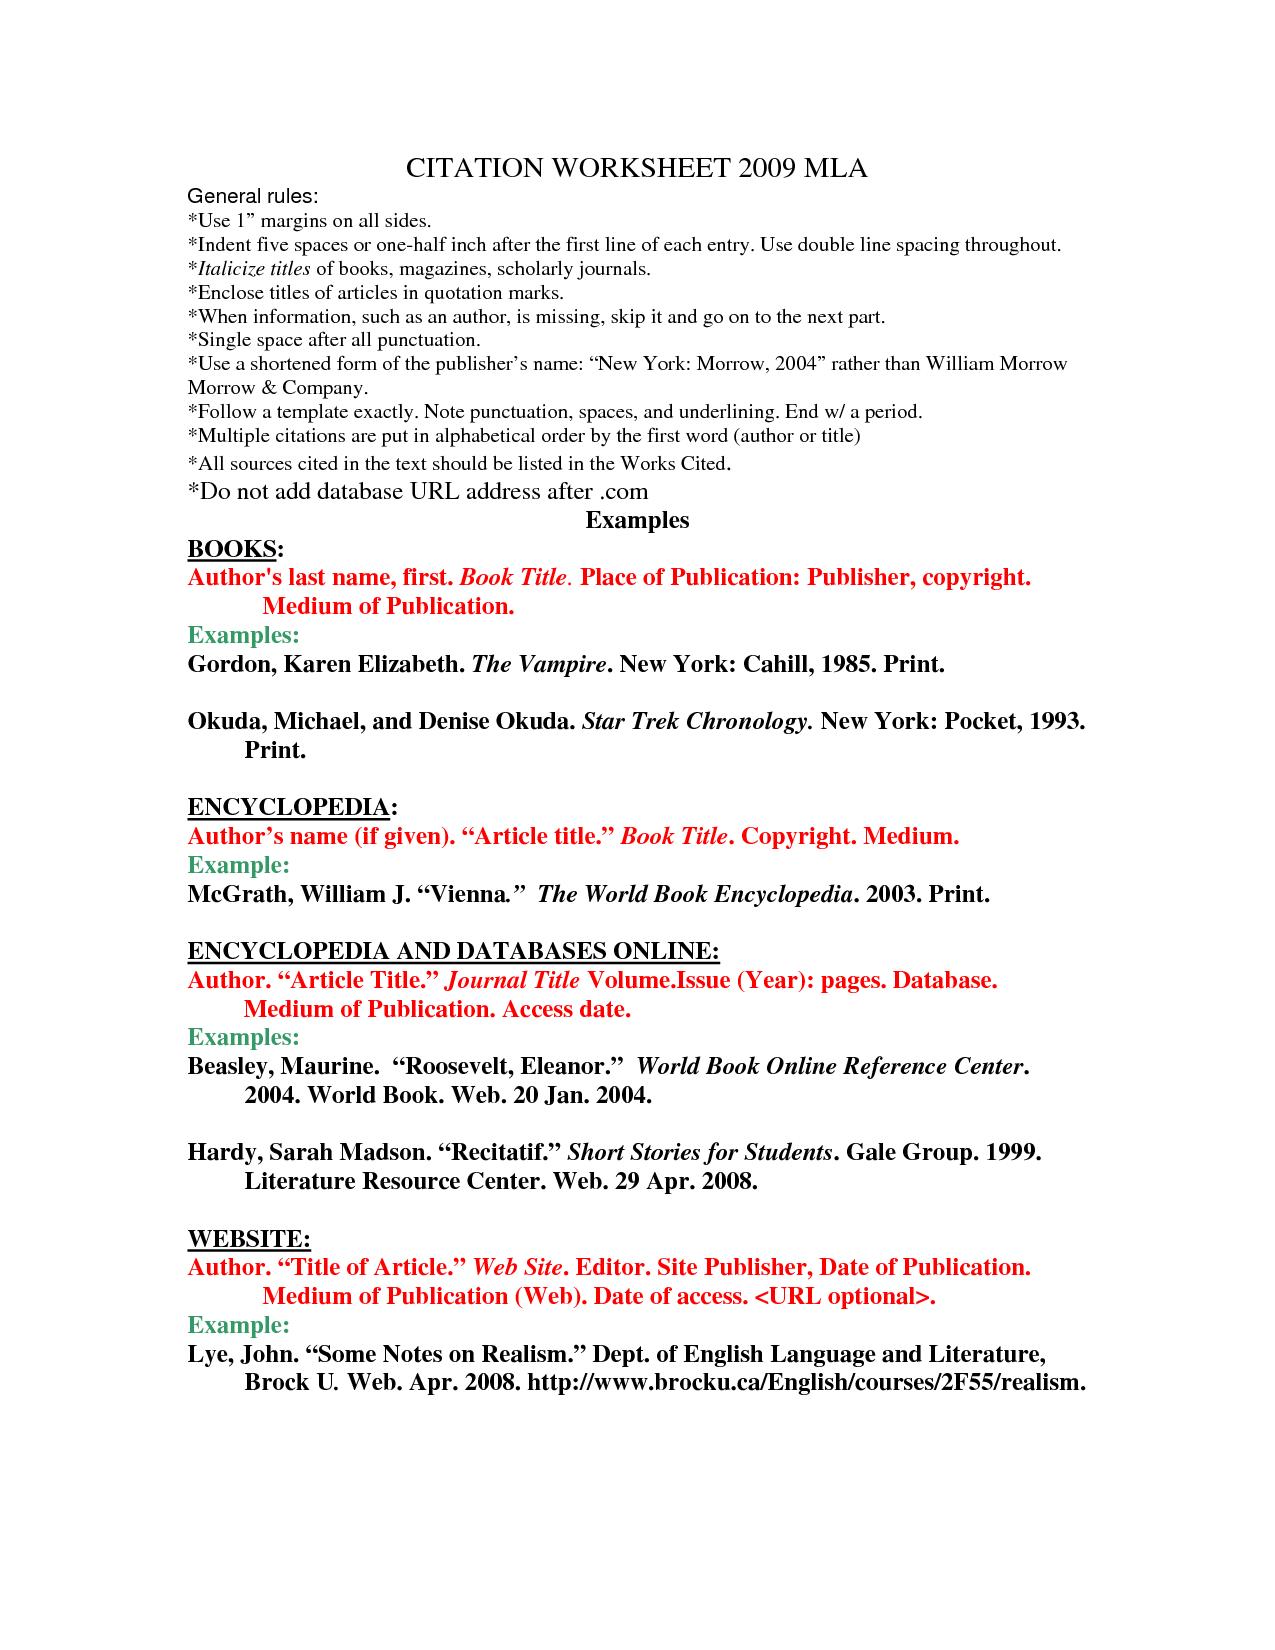 works cited worksheet Termolak – Mla Citation Worksheet